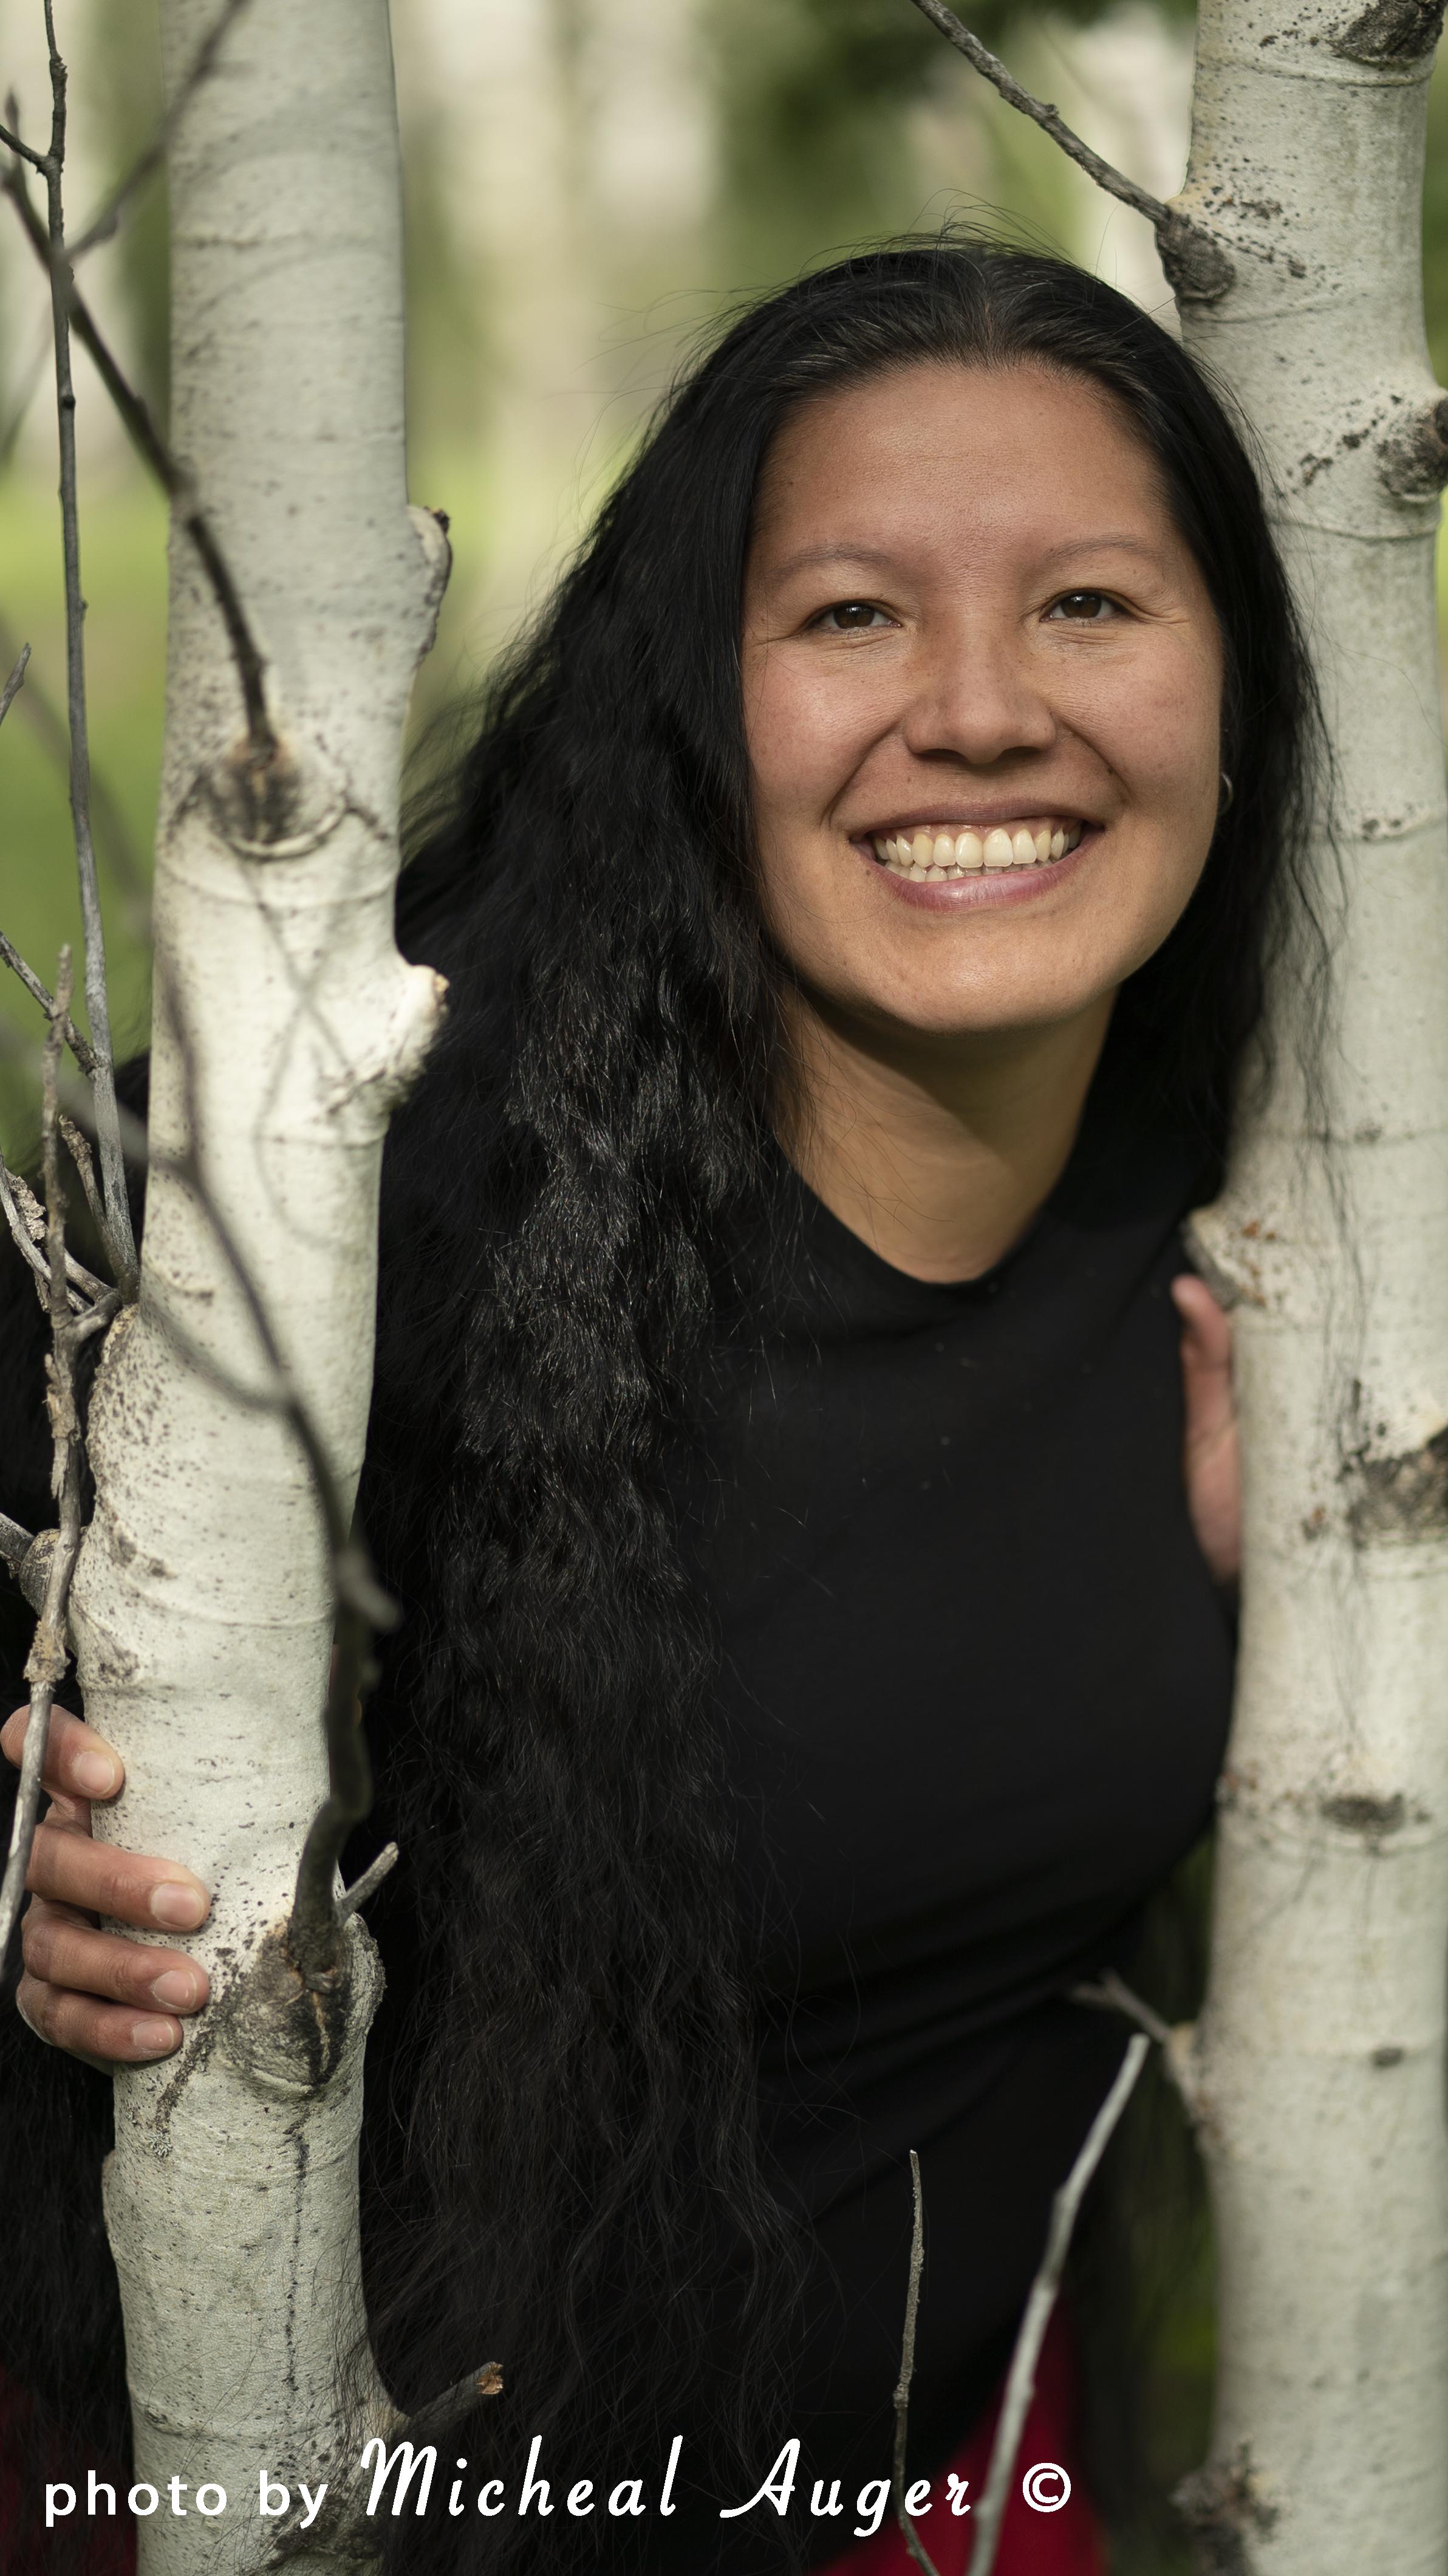 Profile picture of Petie Chalifoux